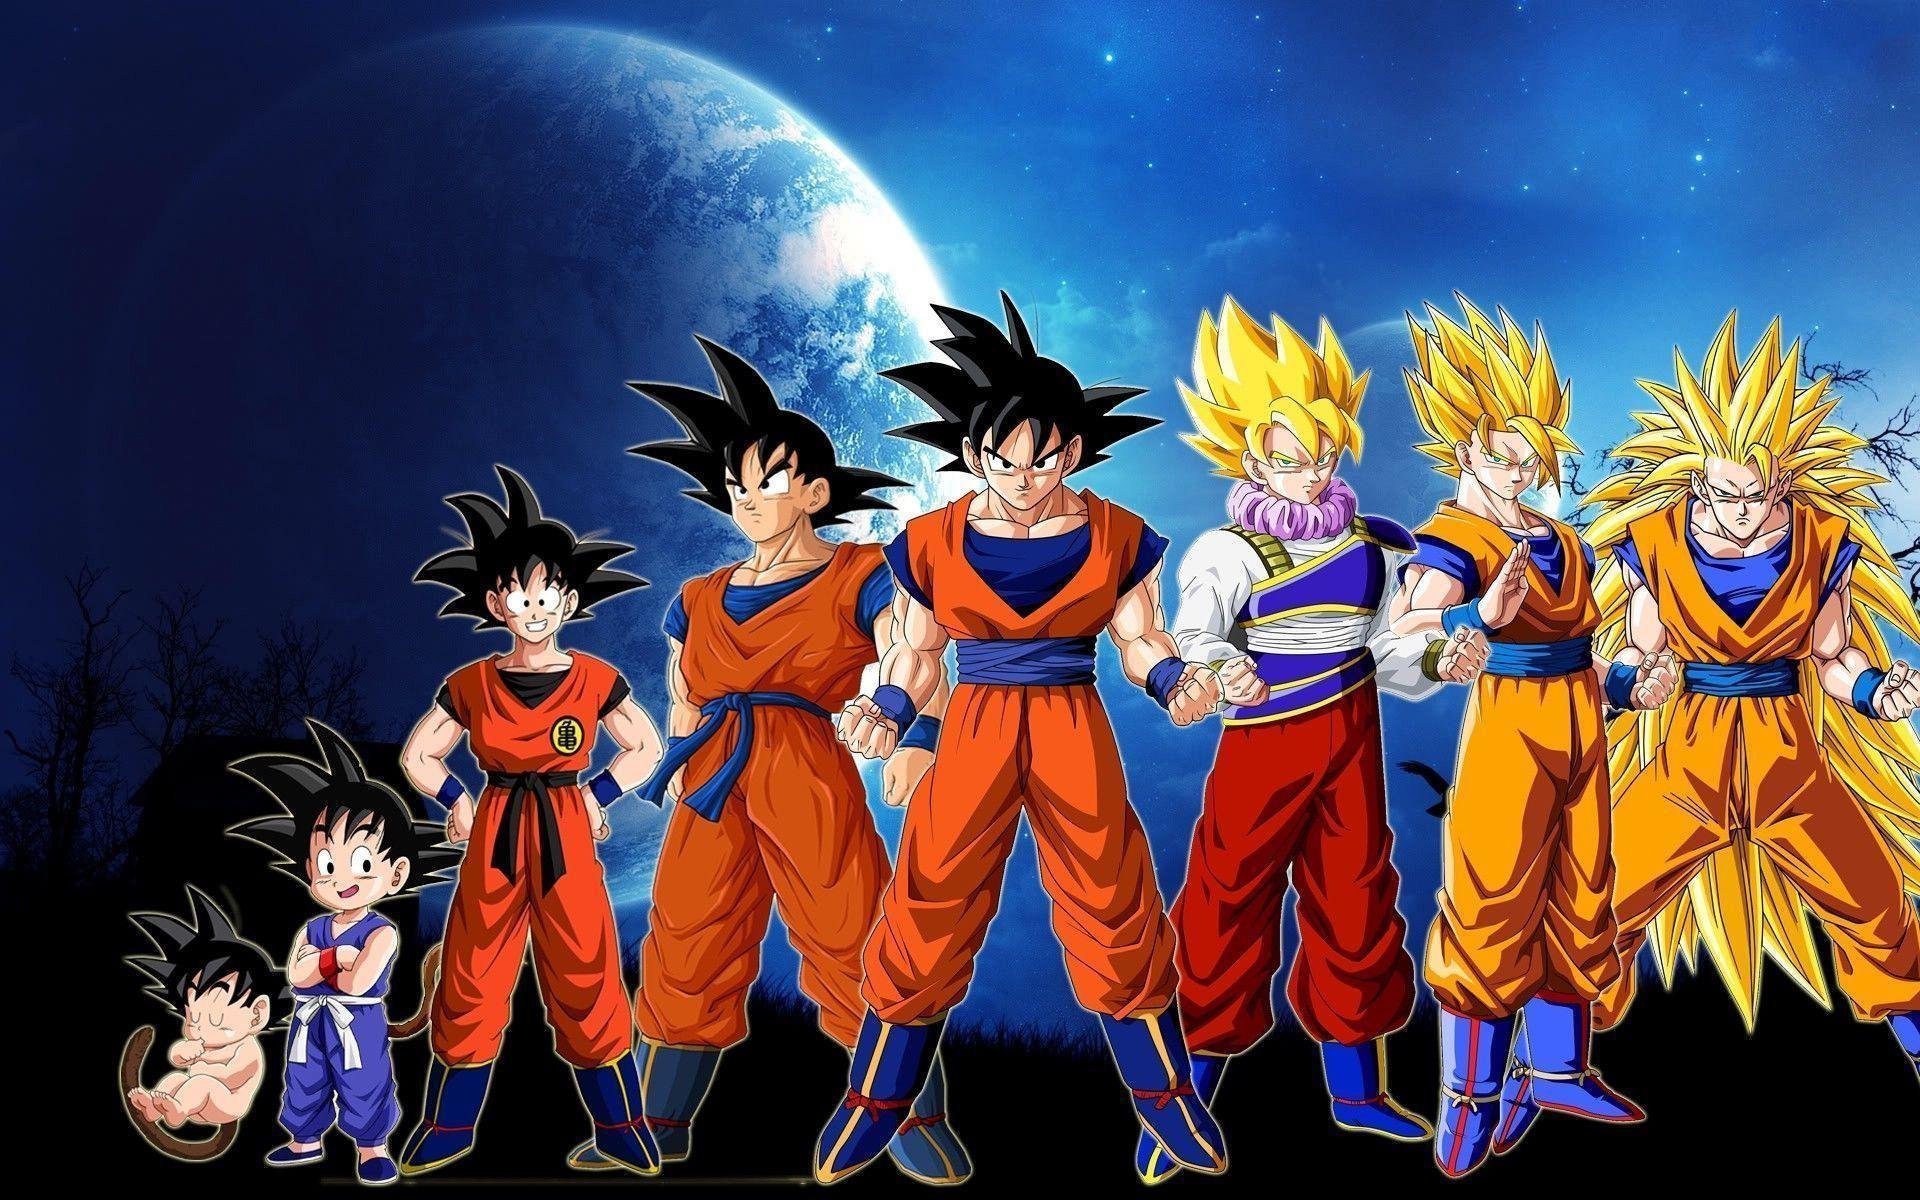 Images For > Dragon Ball Z Goku Super Saiyan 5 Wallpaper